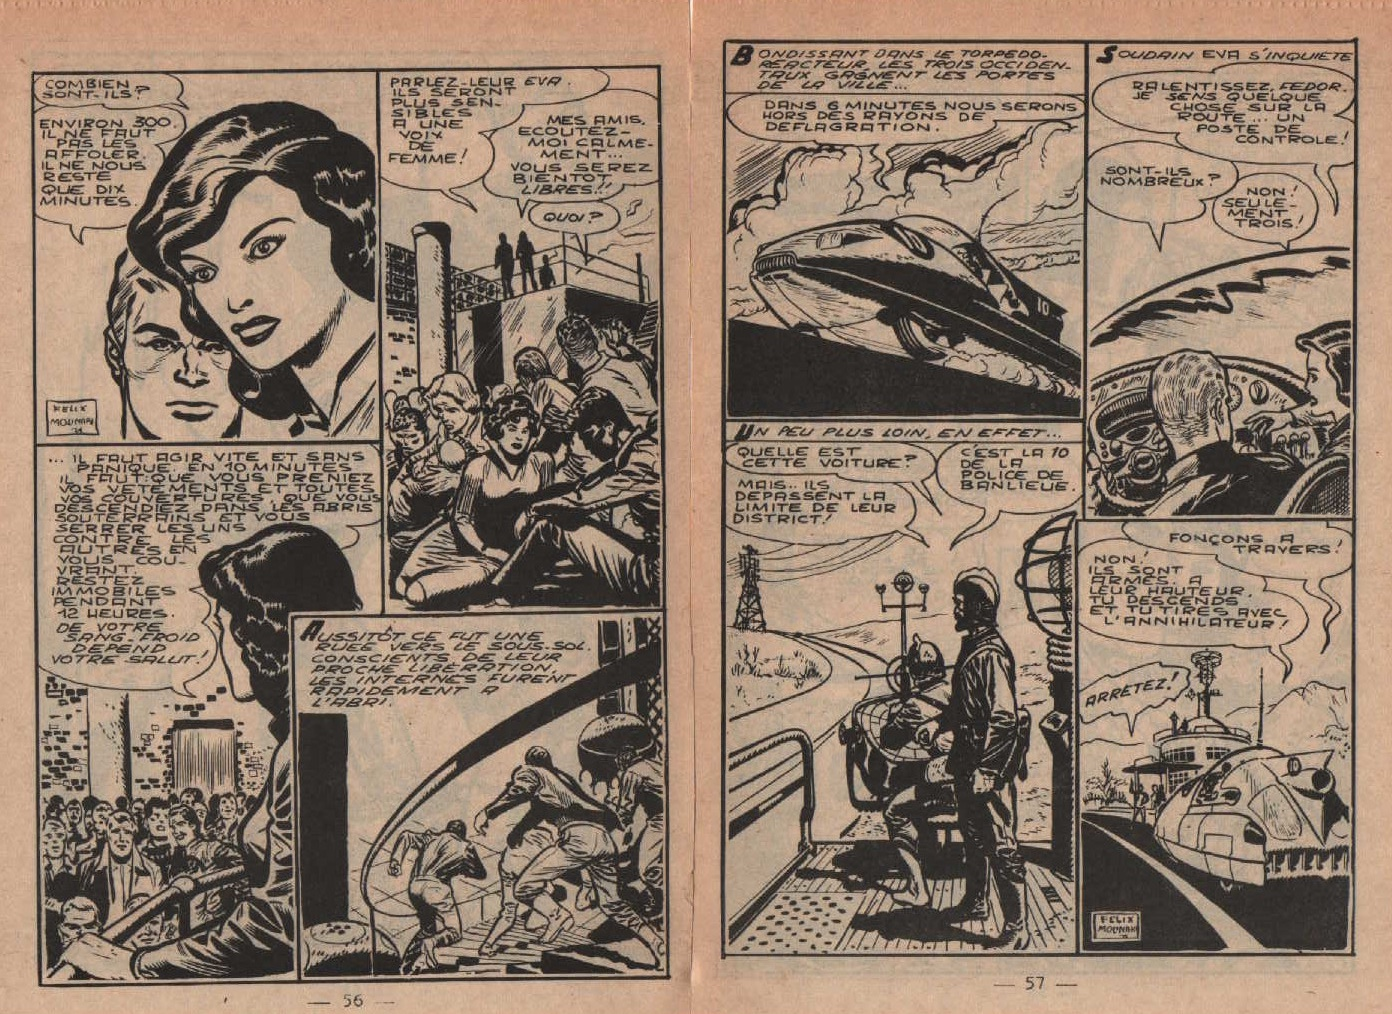 «Les Chevaliers de l'espace» Super boy n°243 (11/1959).